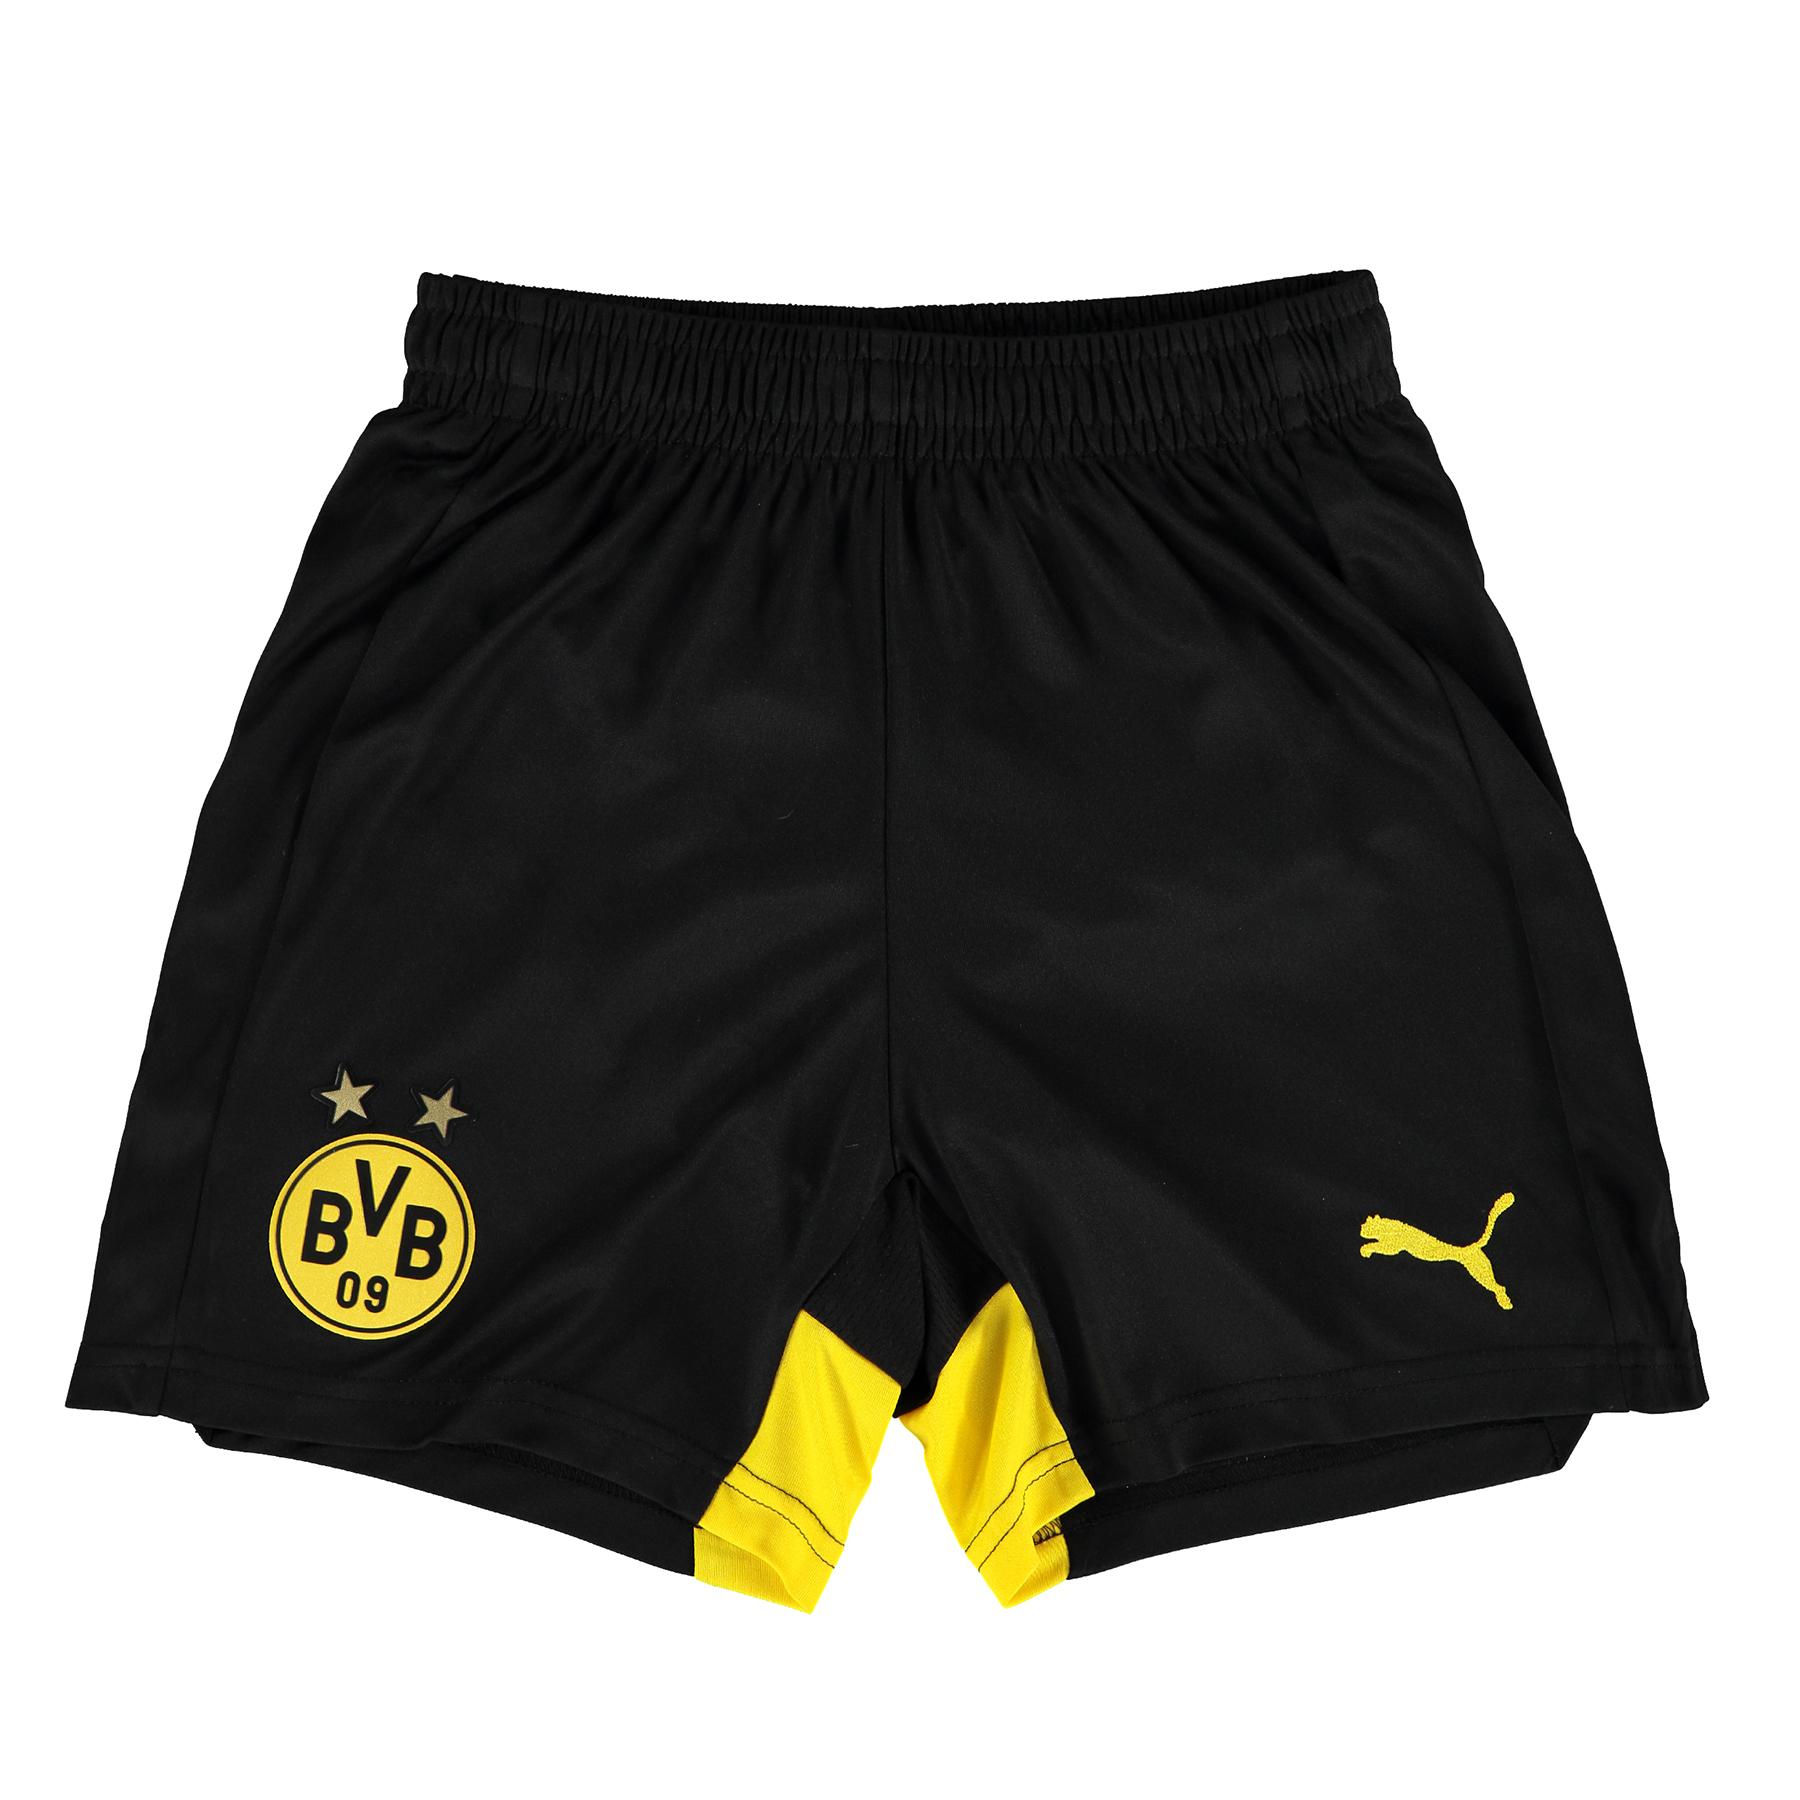 BVB Home/Away Shorts 2015/16 – Kids Black